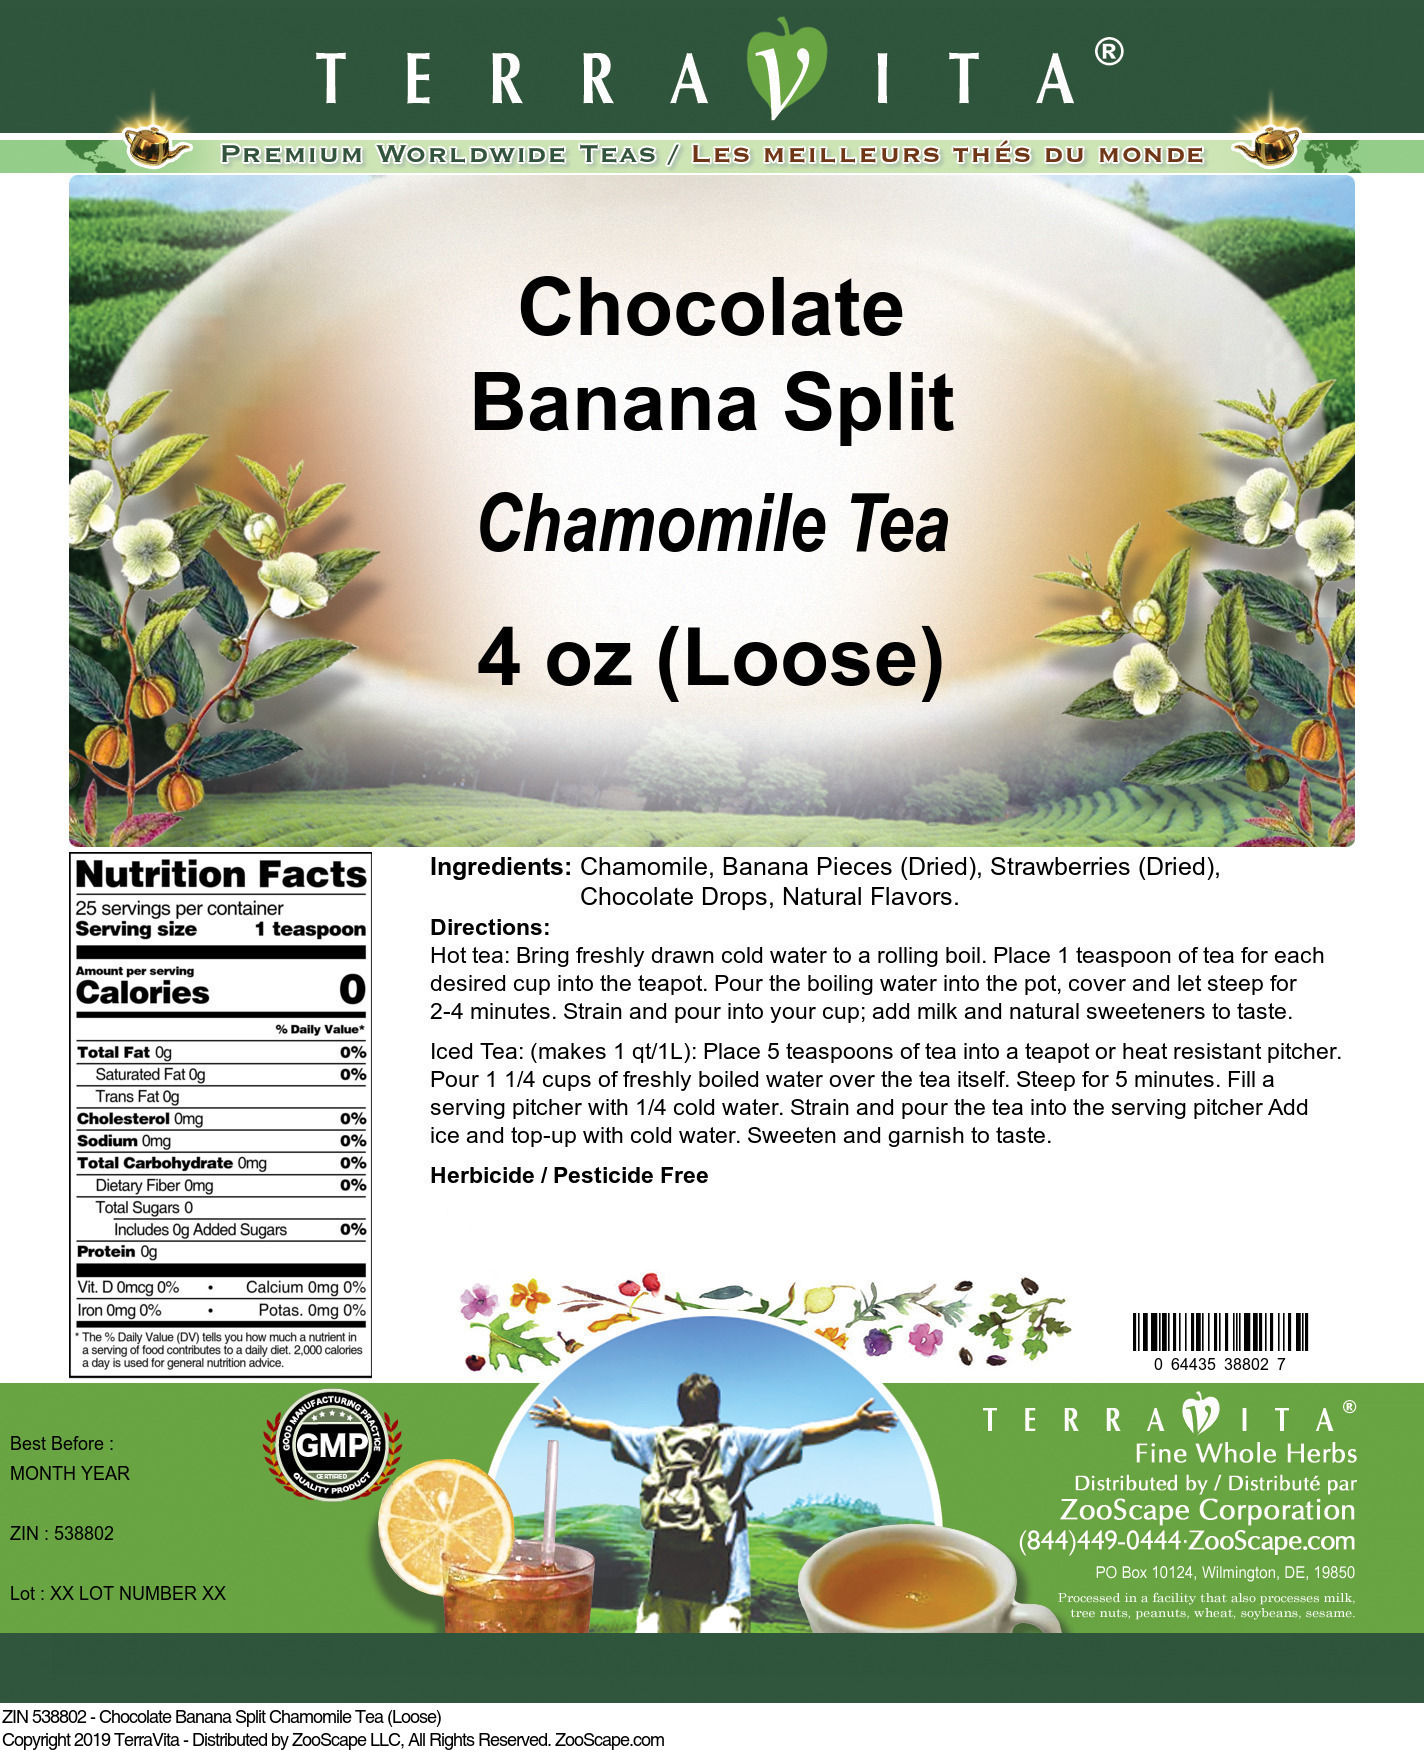 Chocolate Banana Split Chamomile Tea (Loose)